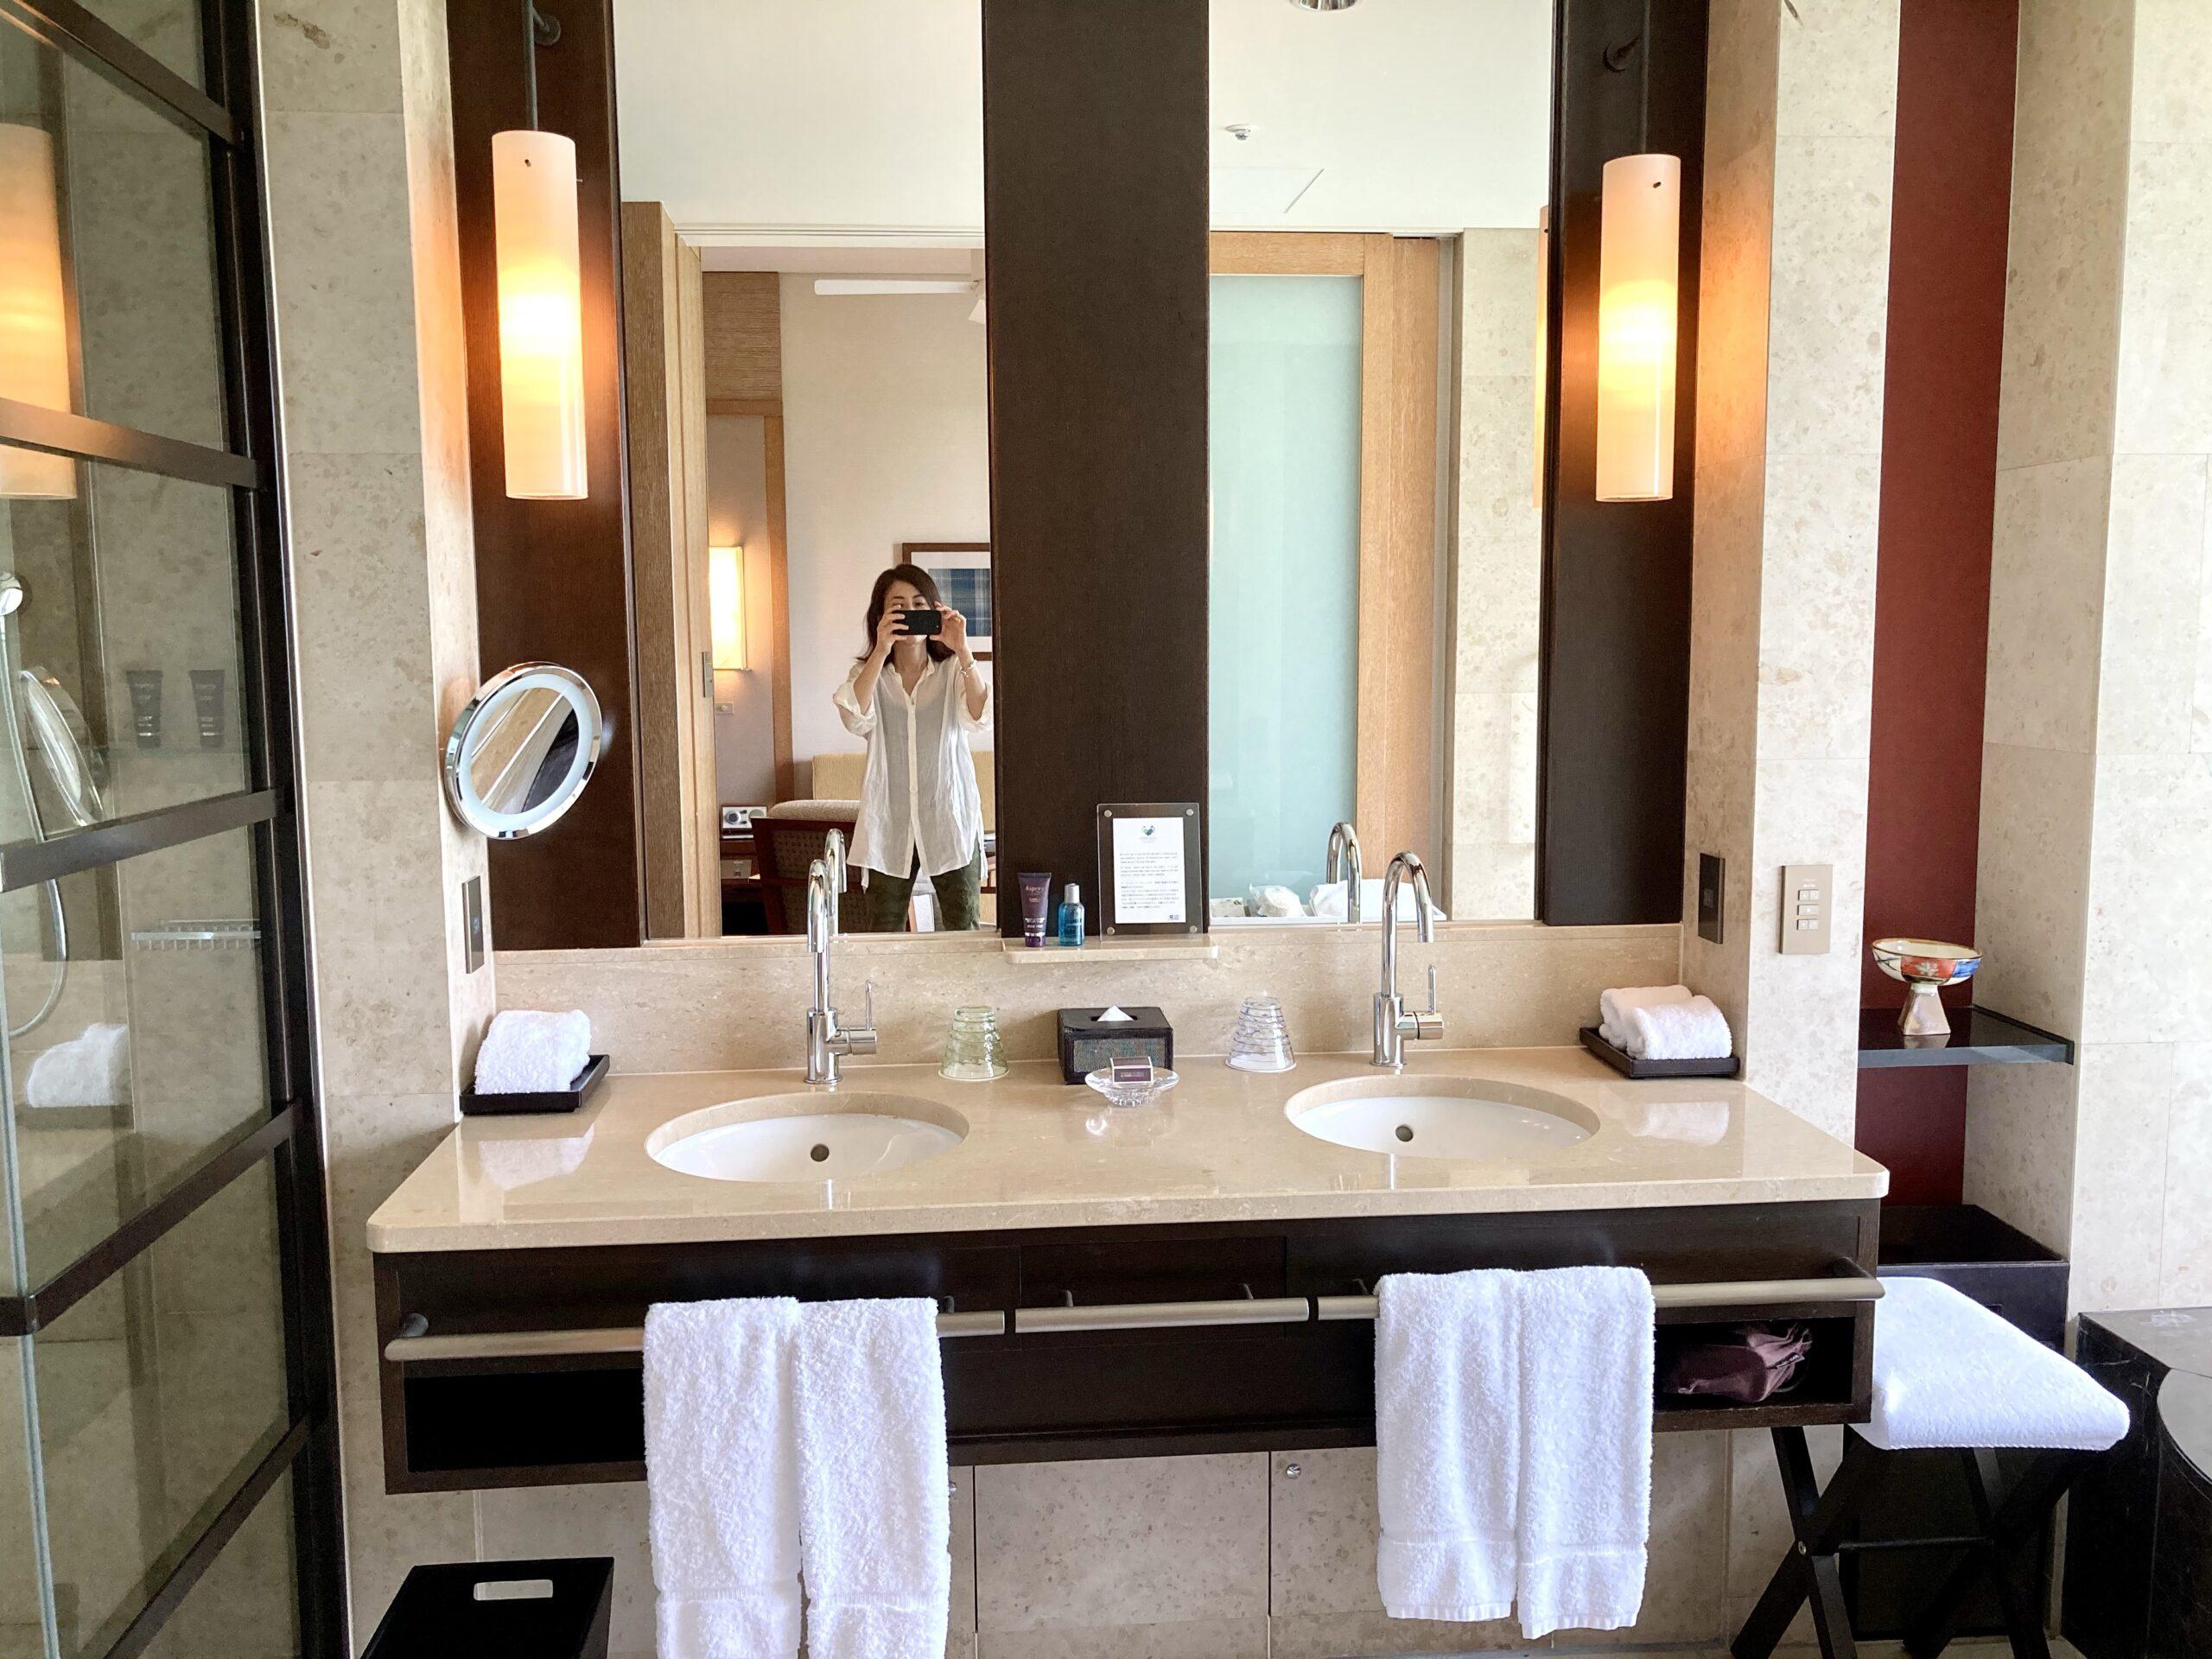 「ザリッツカールトン沖縄」ダブルシンクの洗面スペースの写真